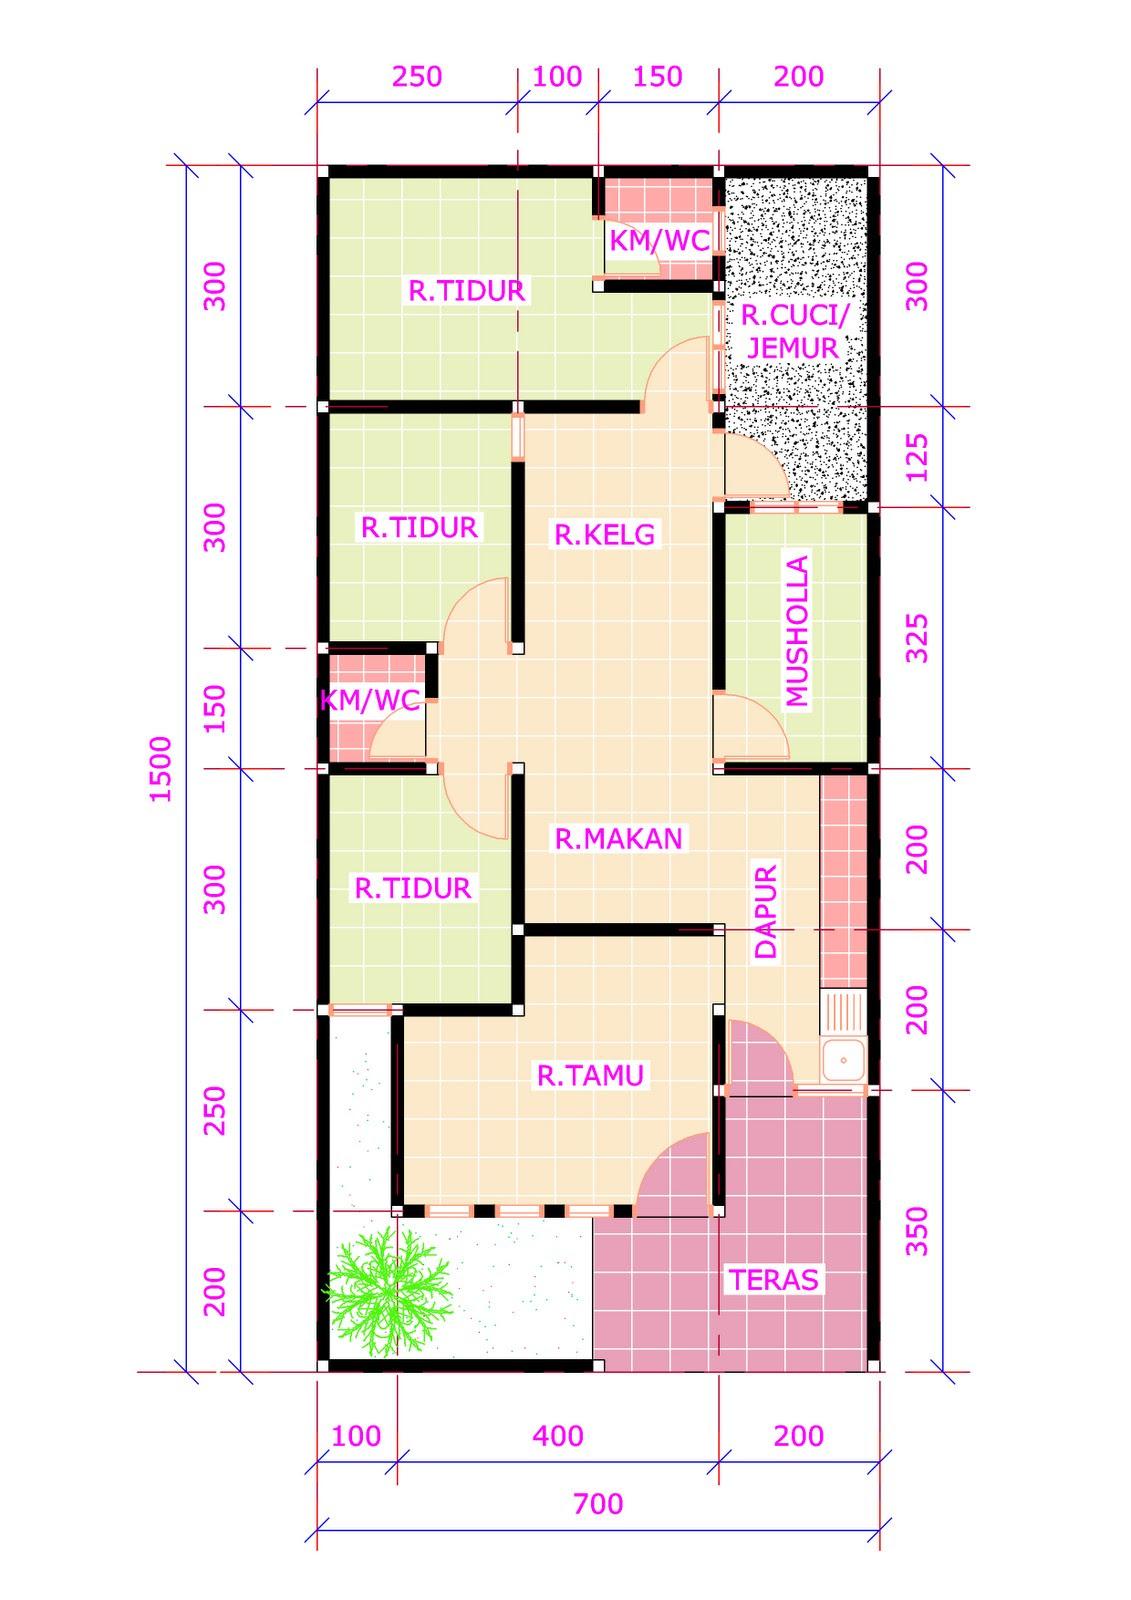 denah rumah 3 kamar ukuran 6x12 terbaru Desain Rumah